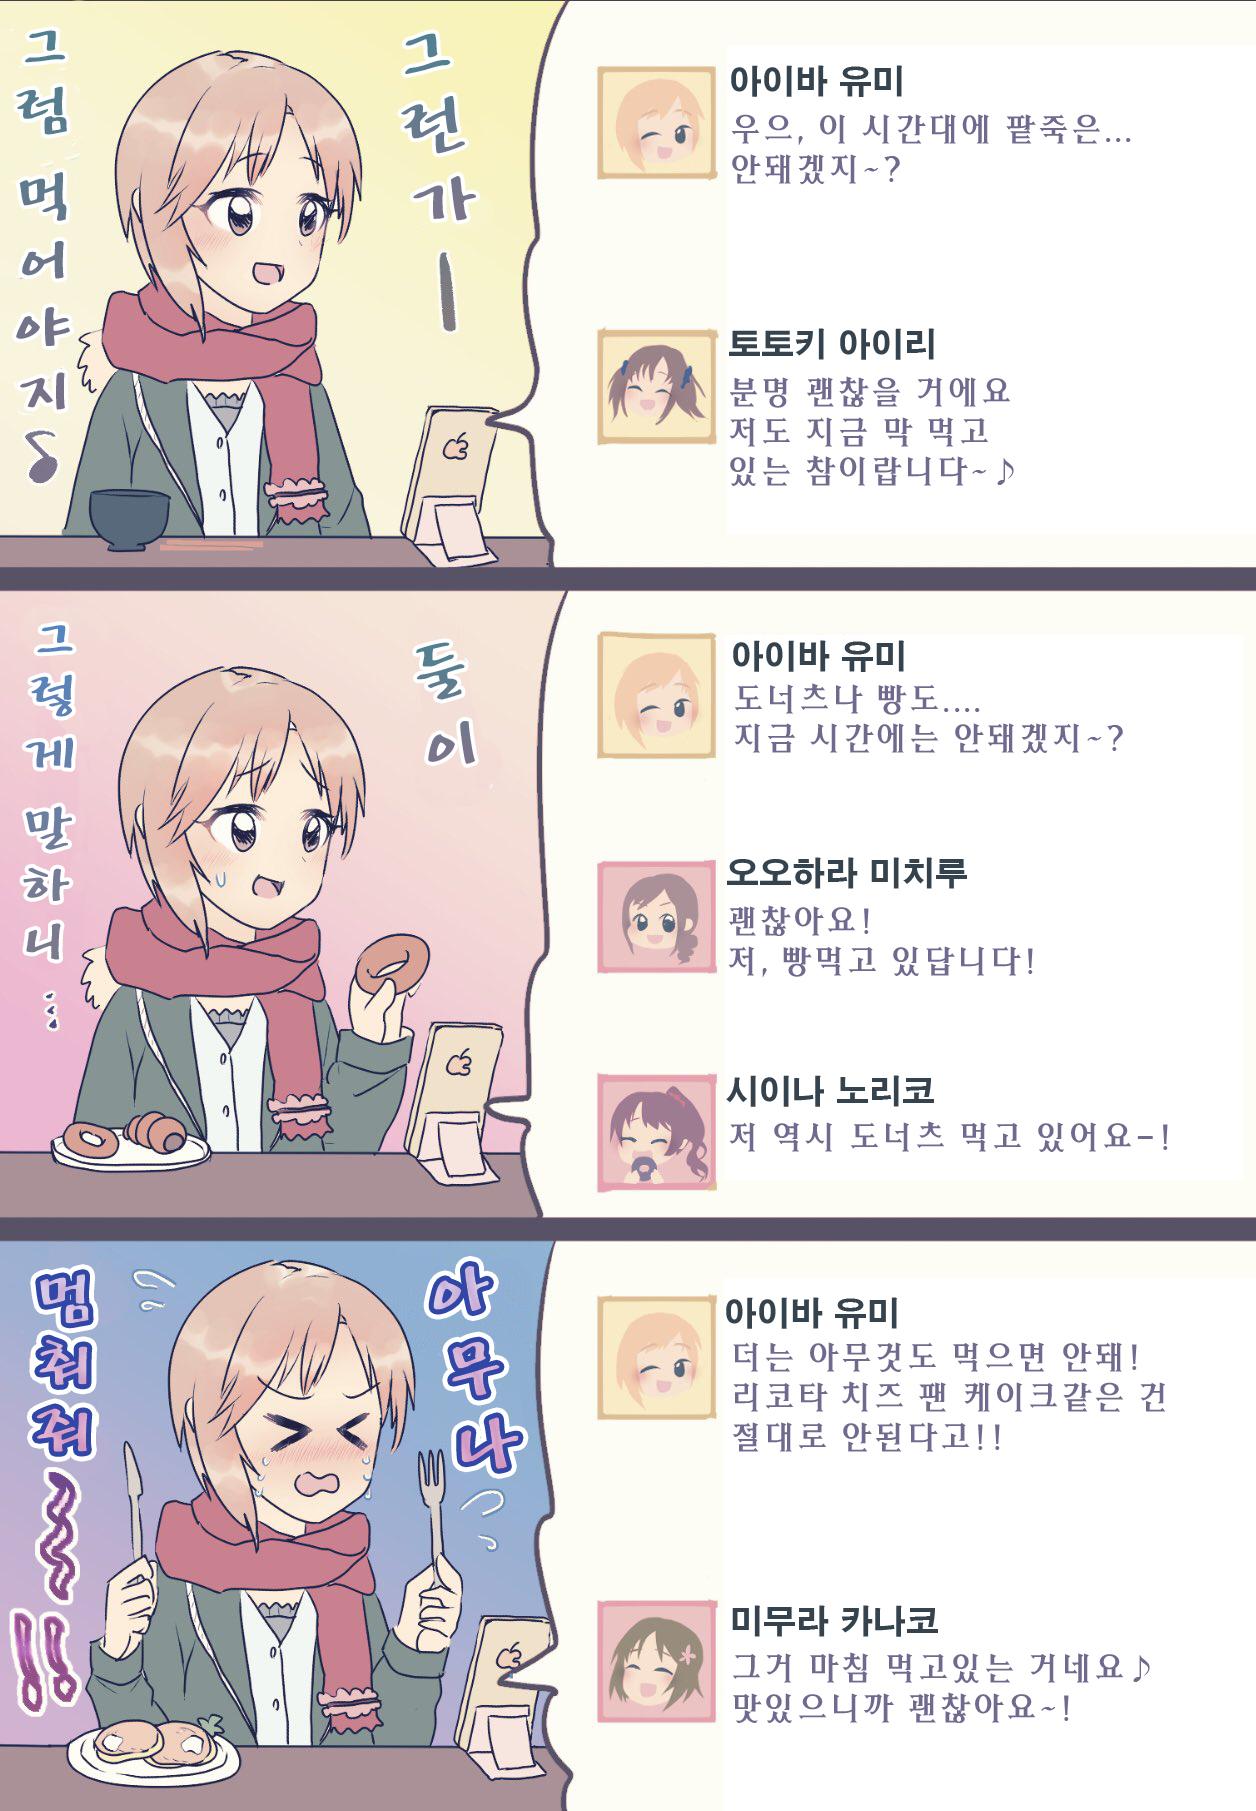 [신데]아이코 소문③관련 만화, 유미와 식욕